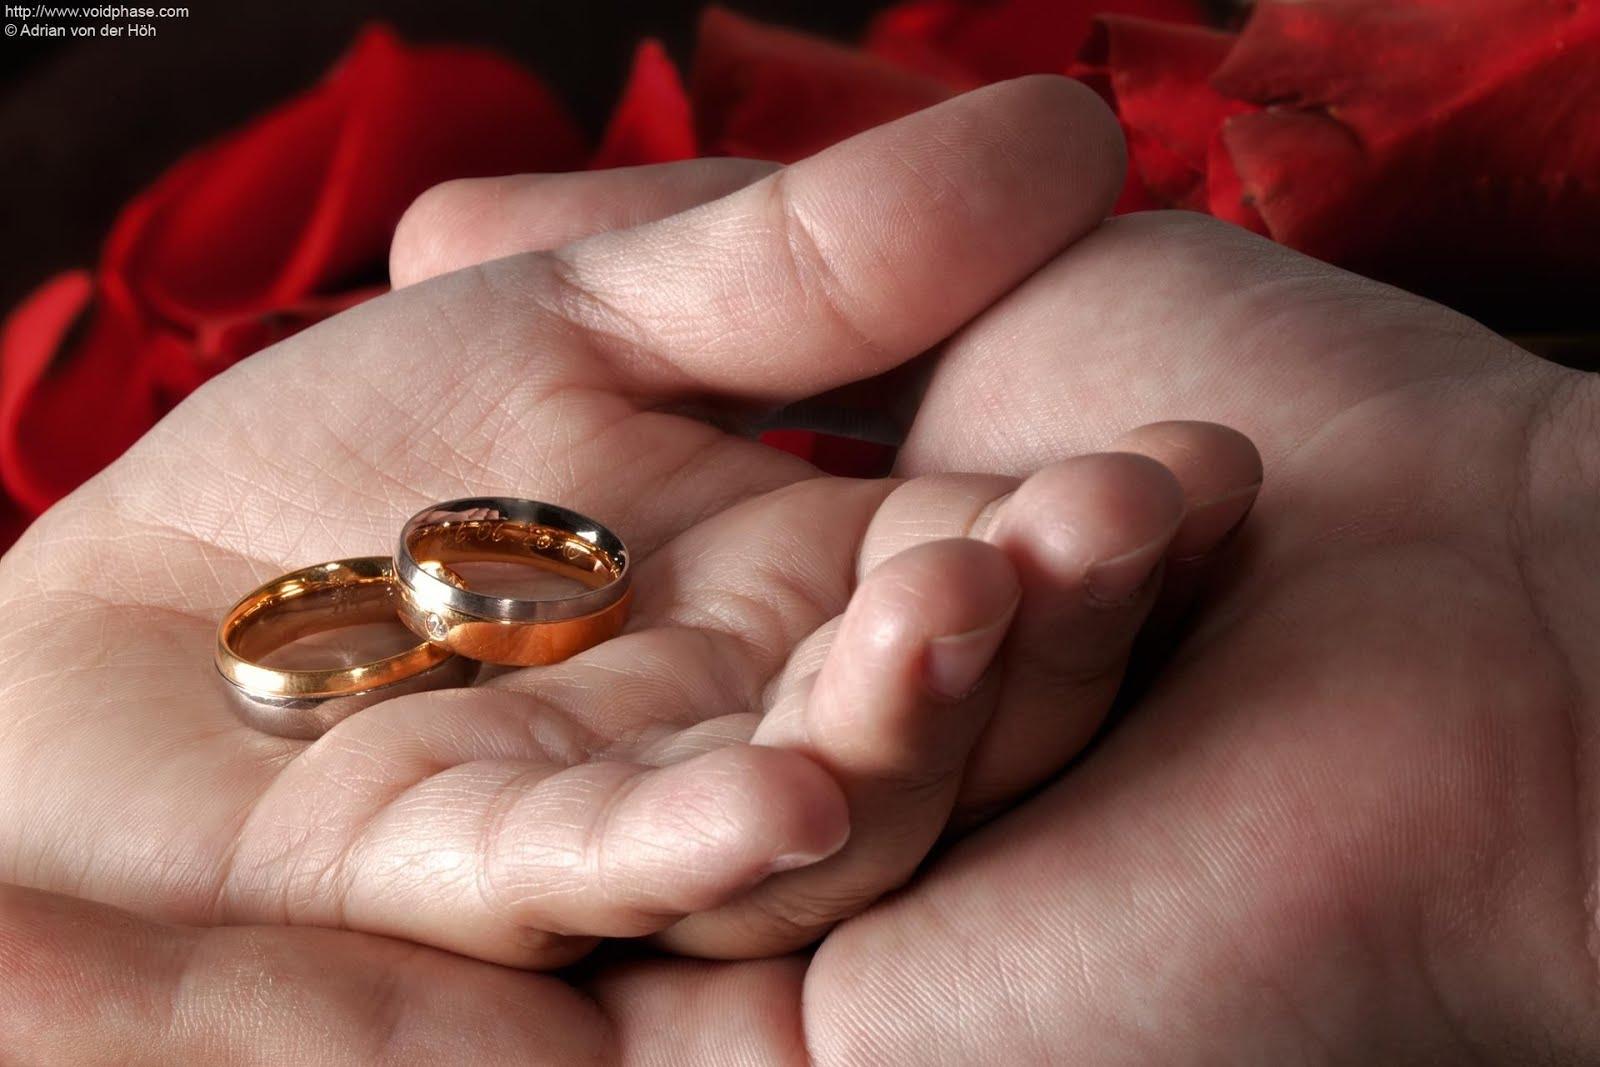 تفسير حلم خاتم ذهب للمتزوجة المفسر